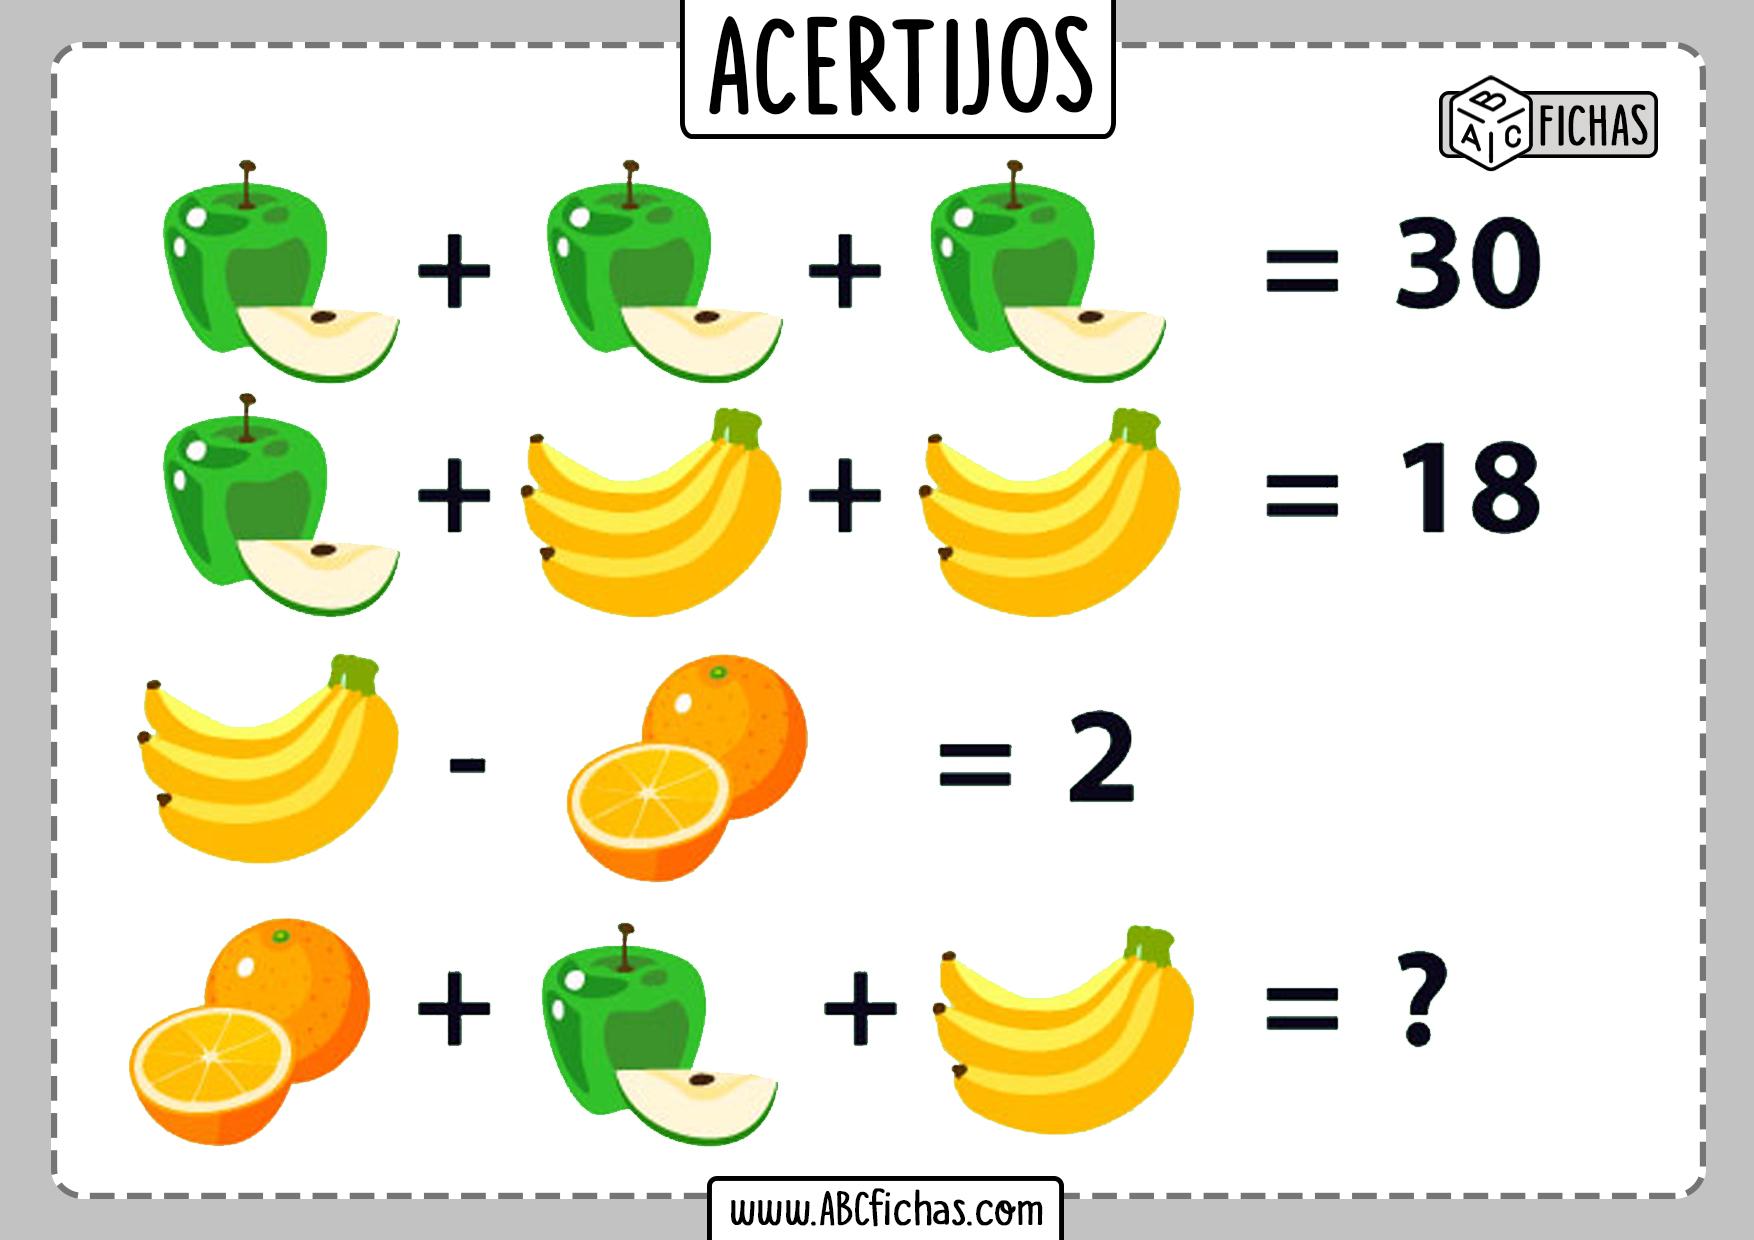 Acertijos de matematicas con dibujos